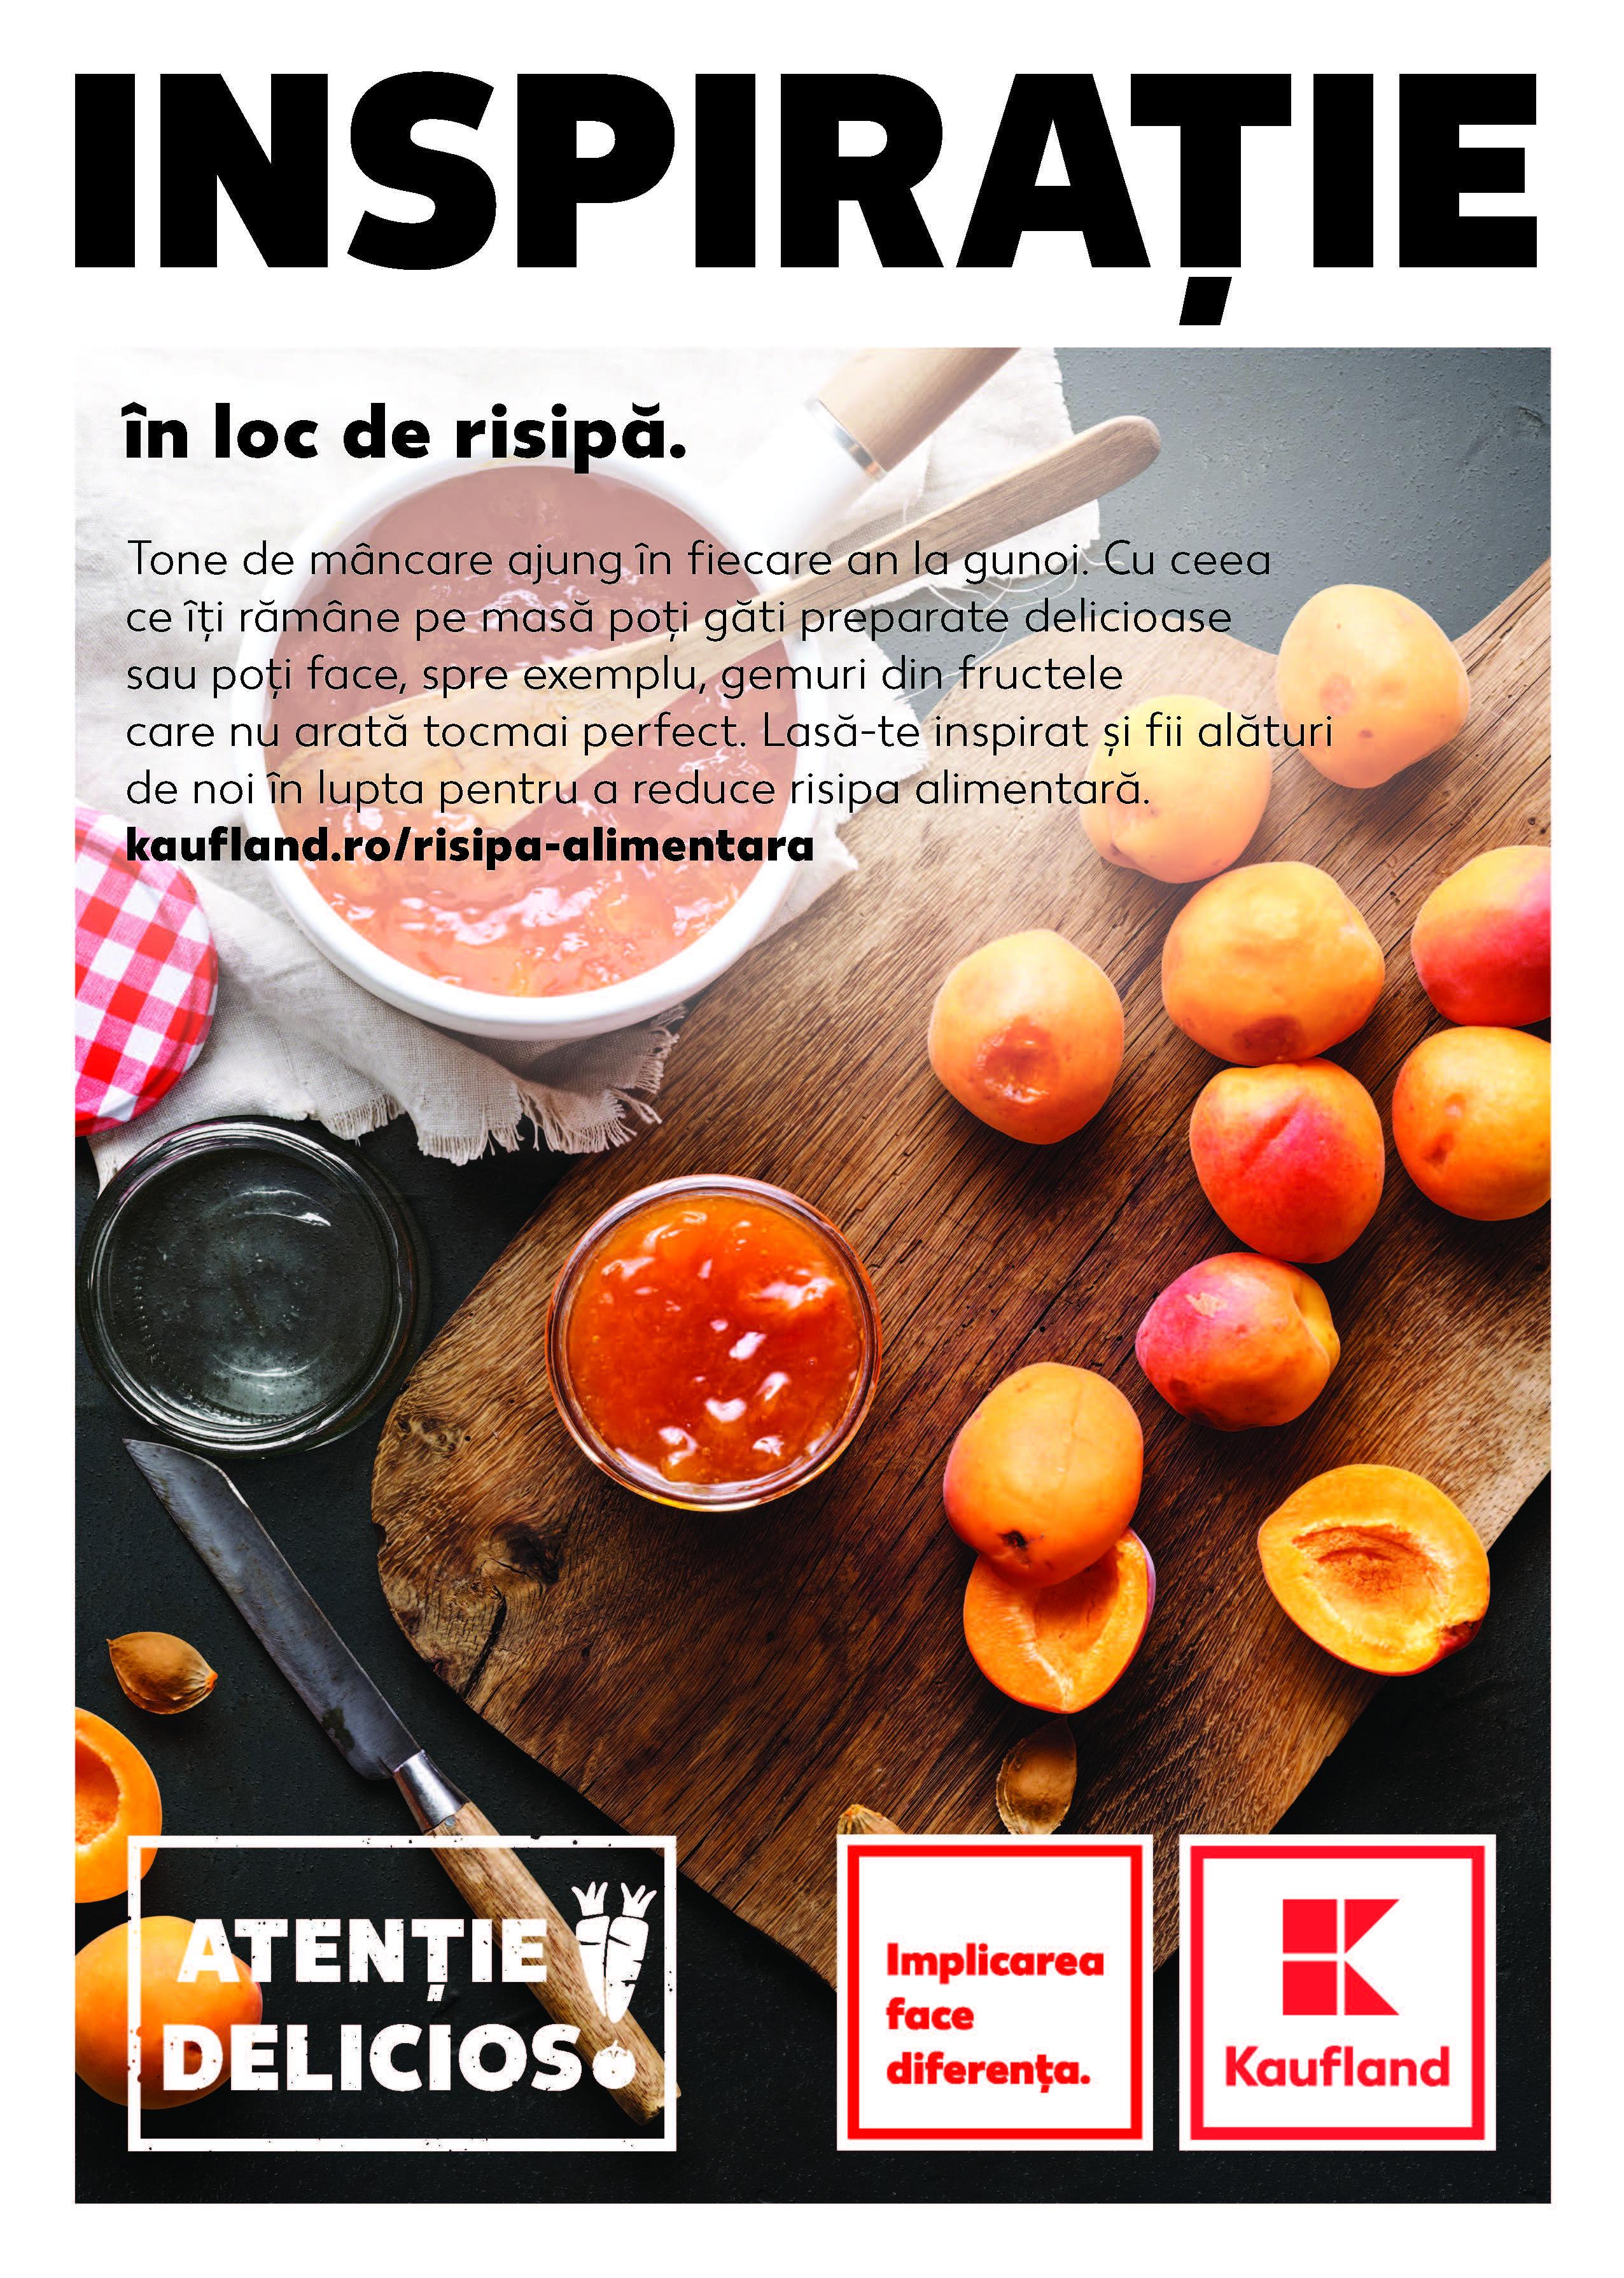 Kaufland România lansează prima campanie integrată anti-risipă alimentară